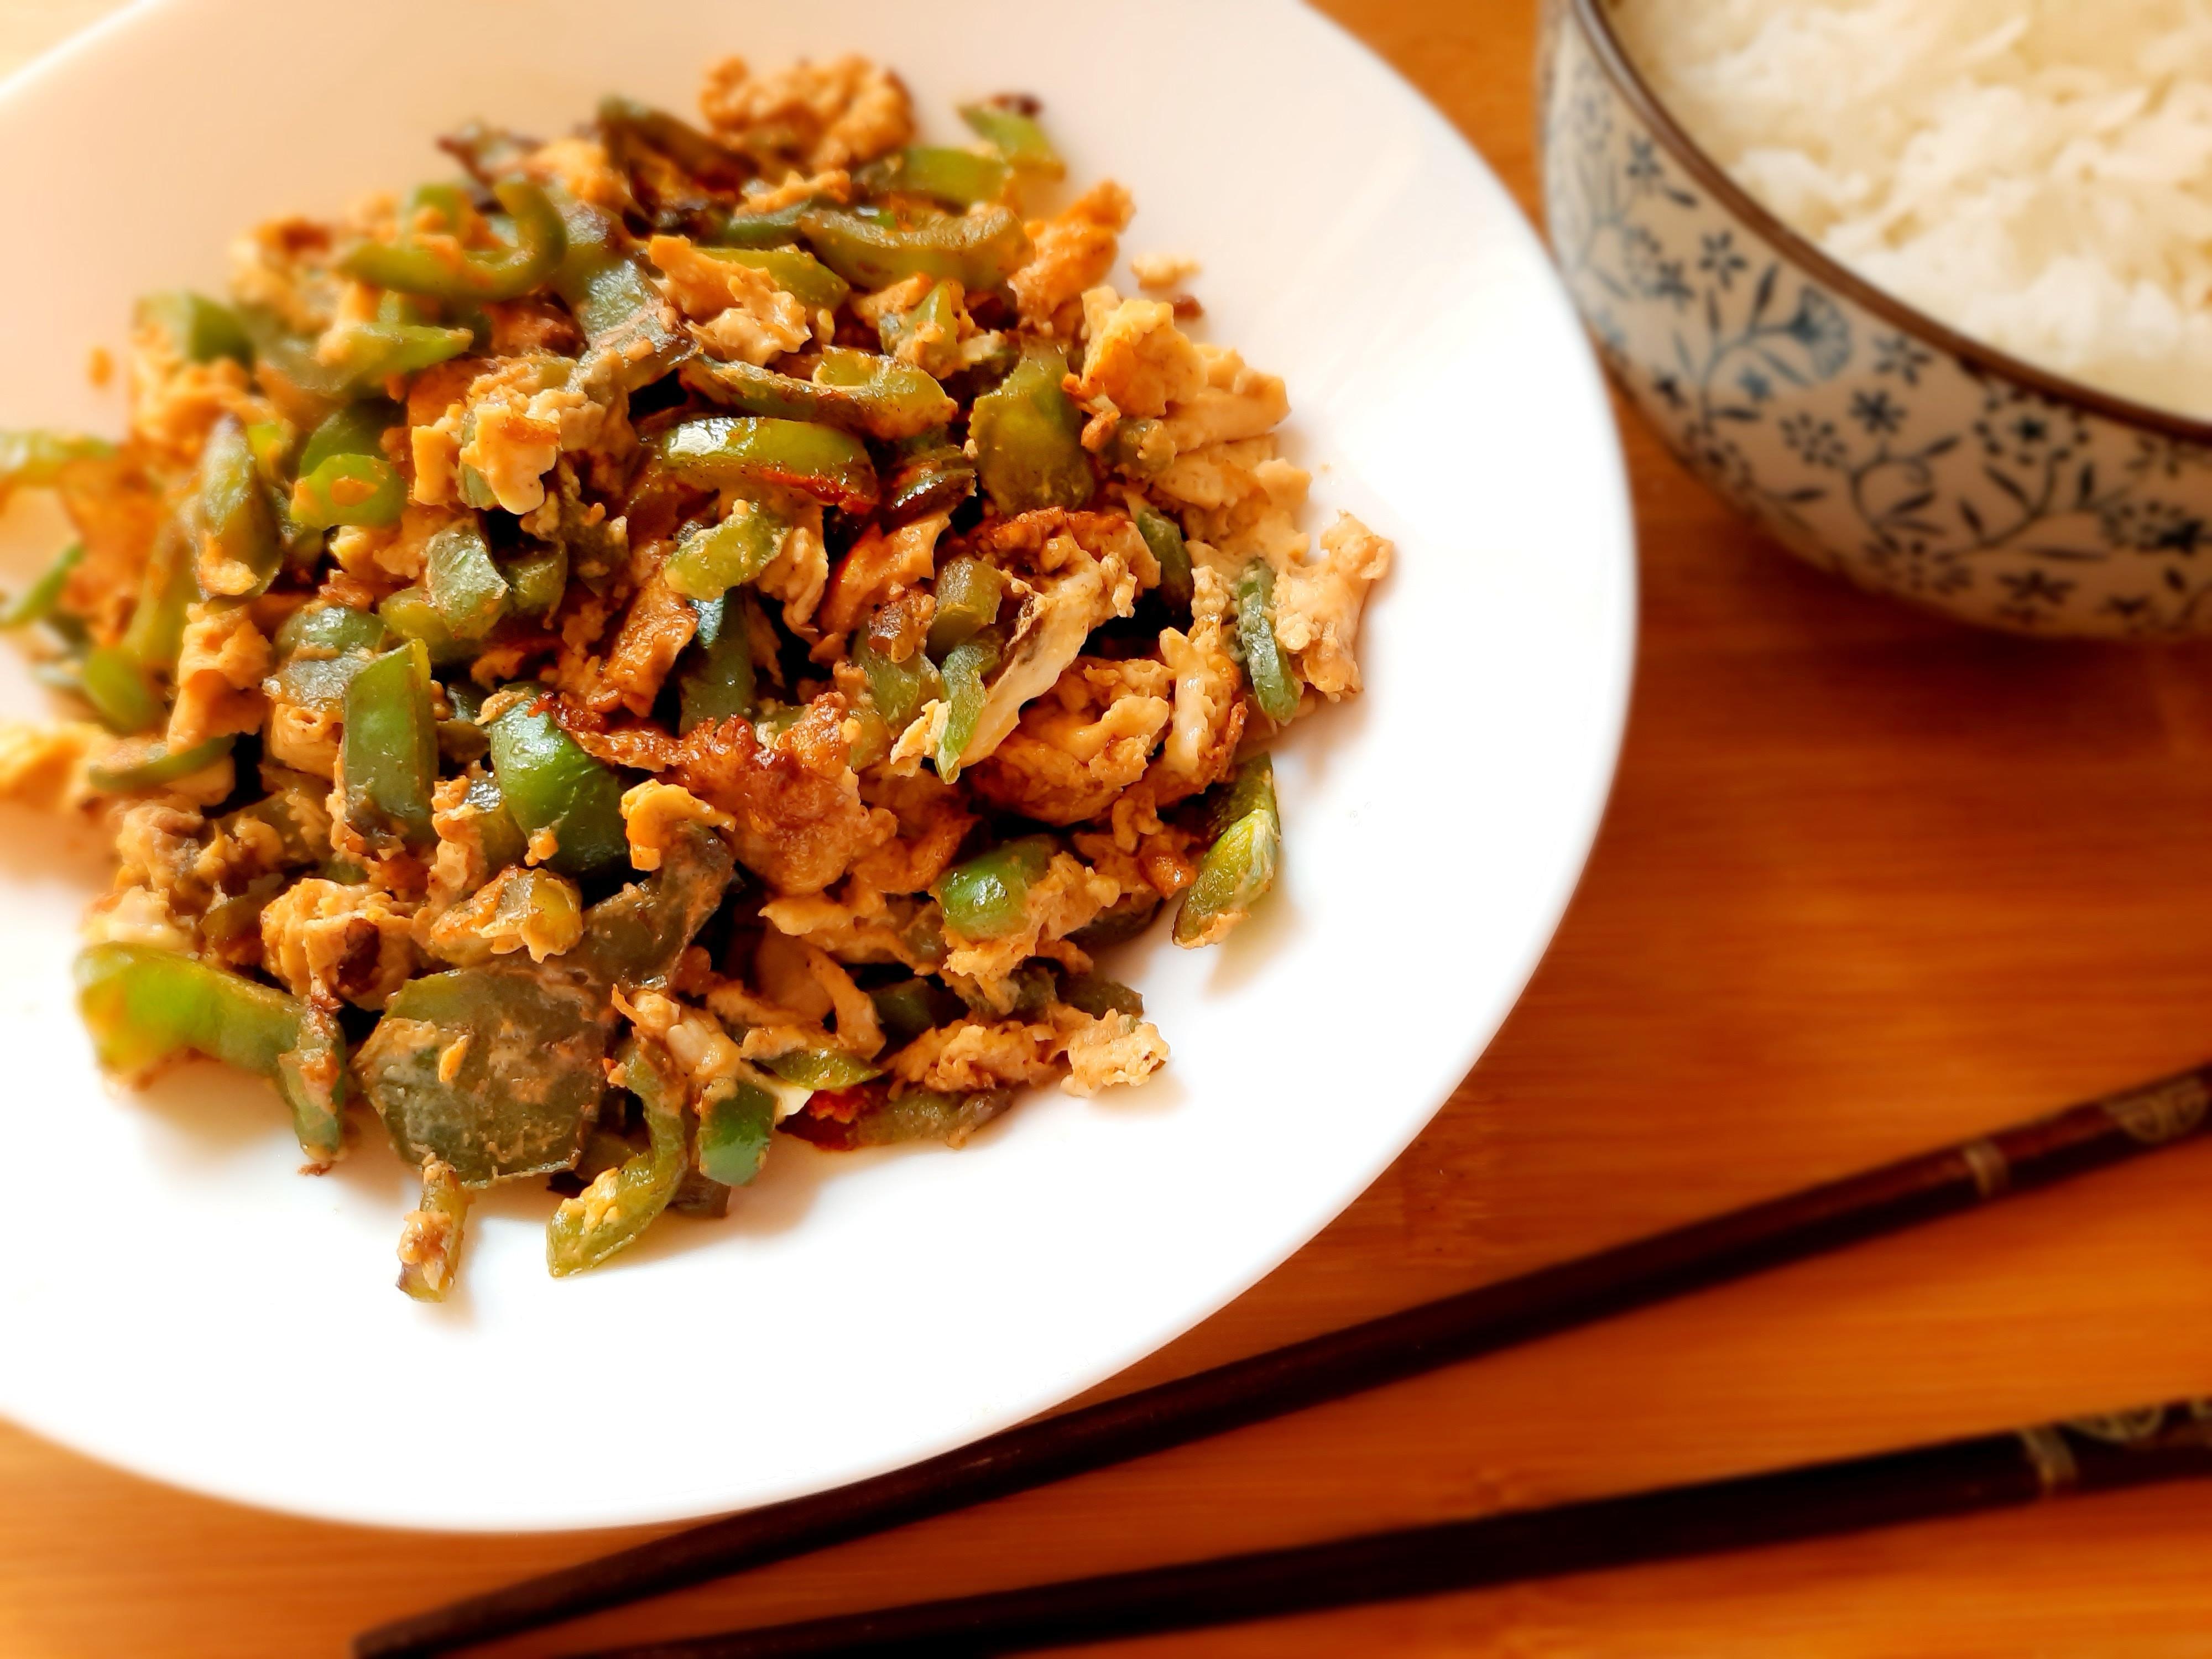 青椒炒蛋-十分鐘上菜